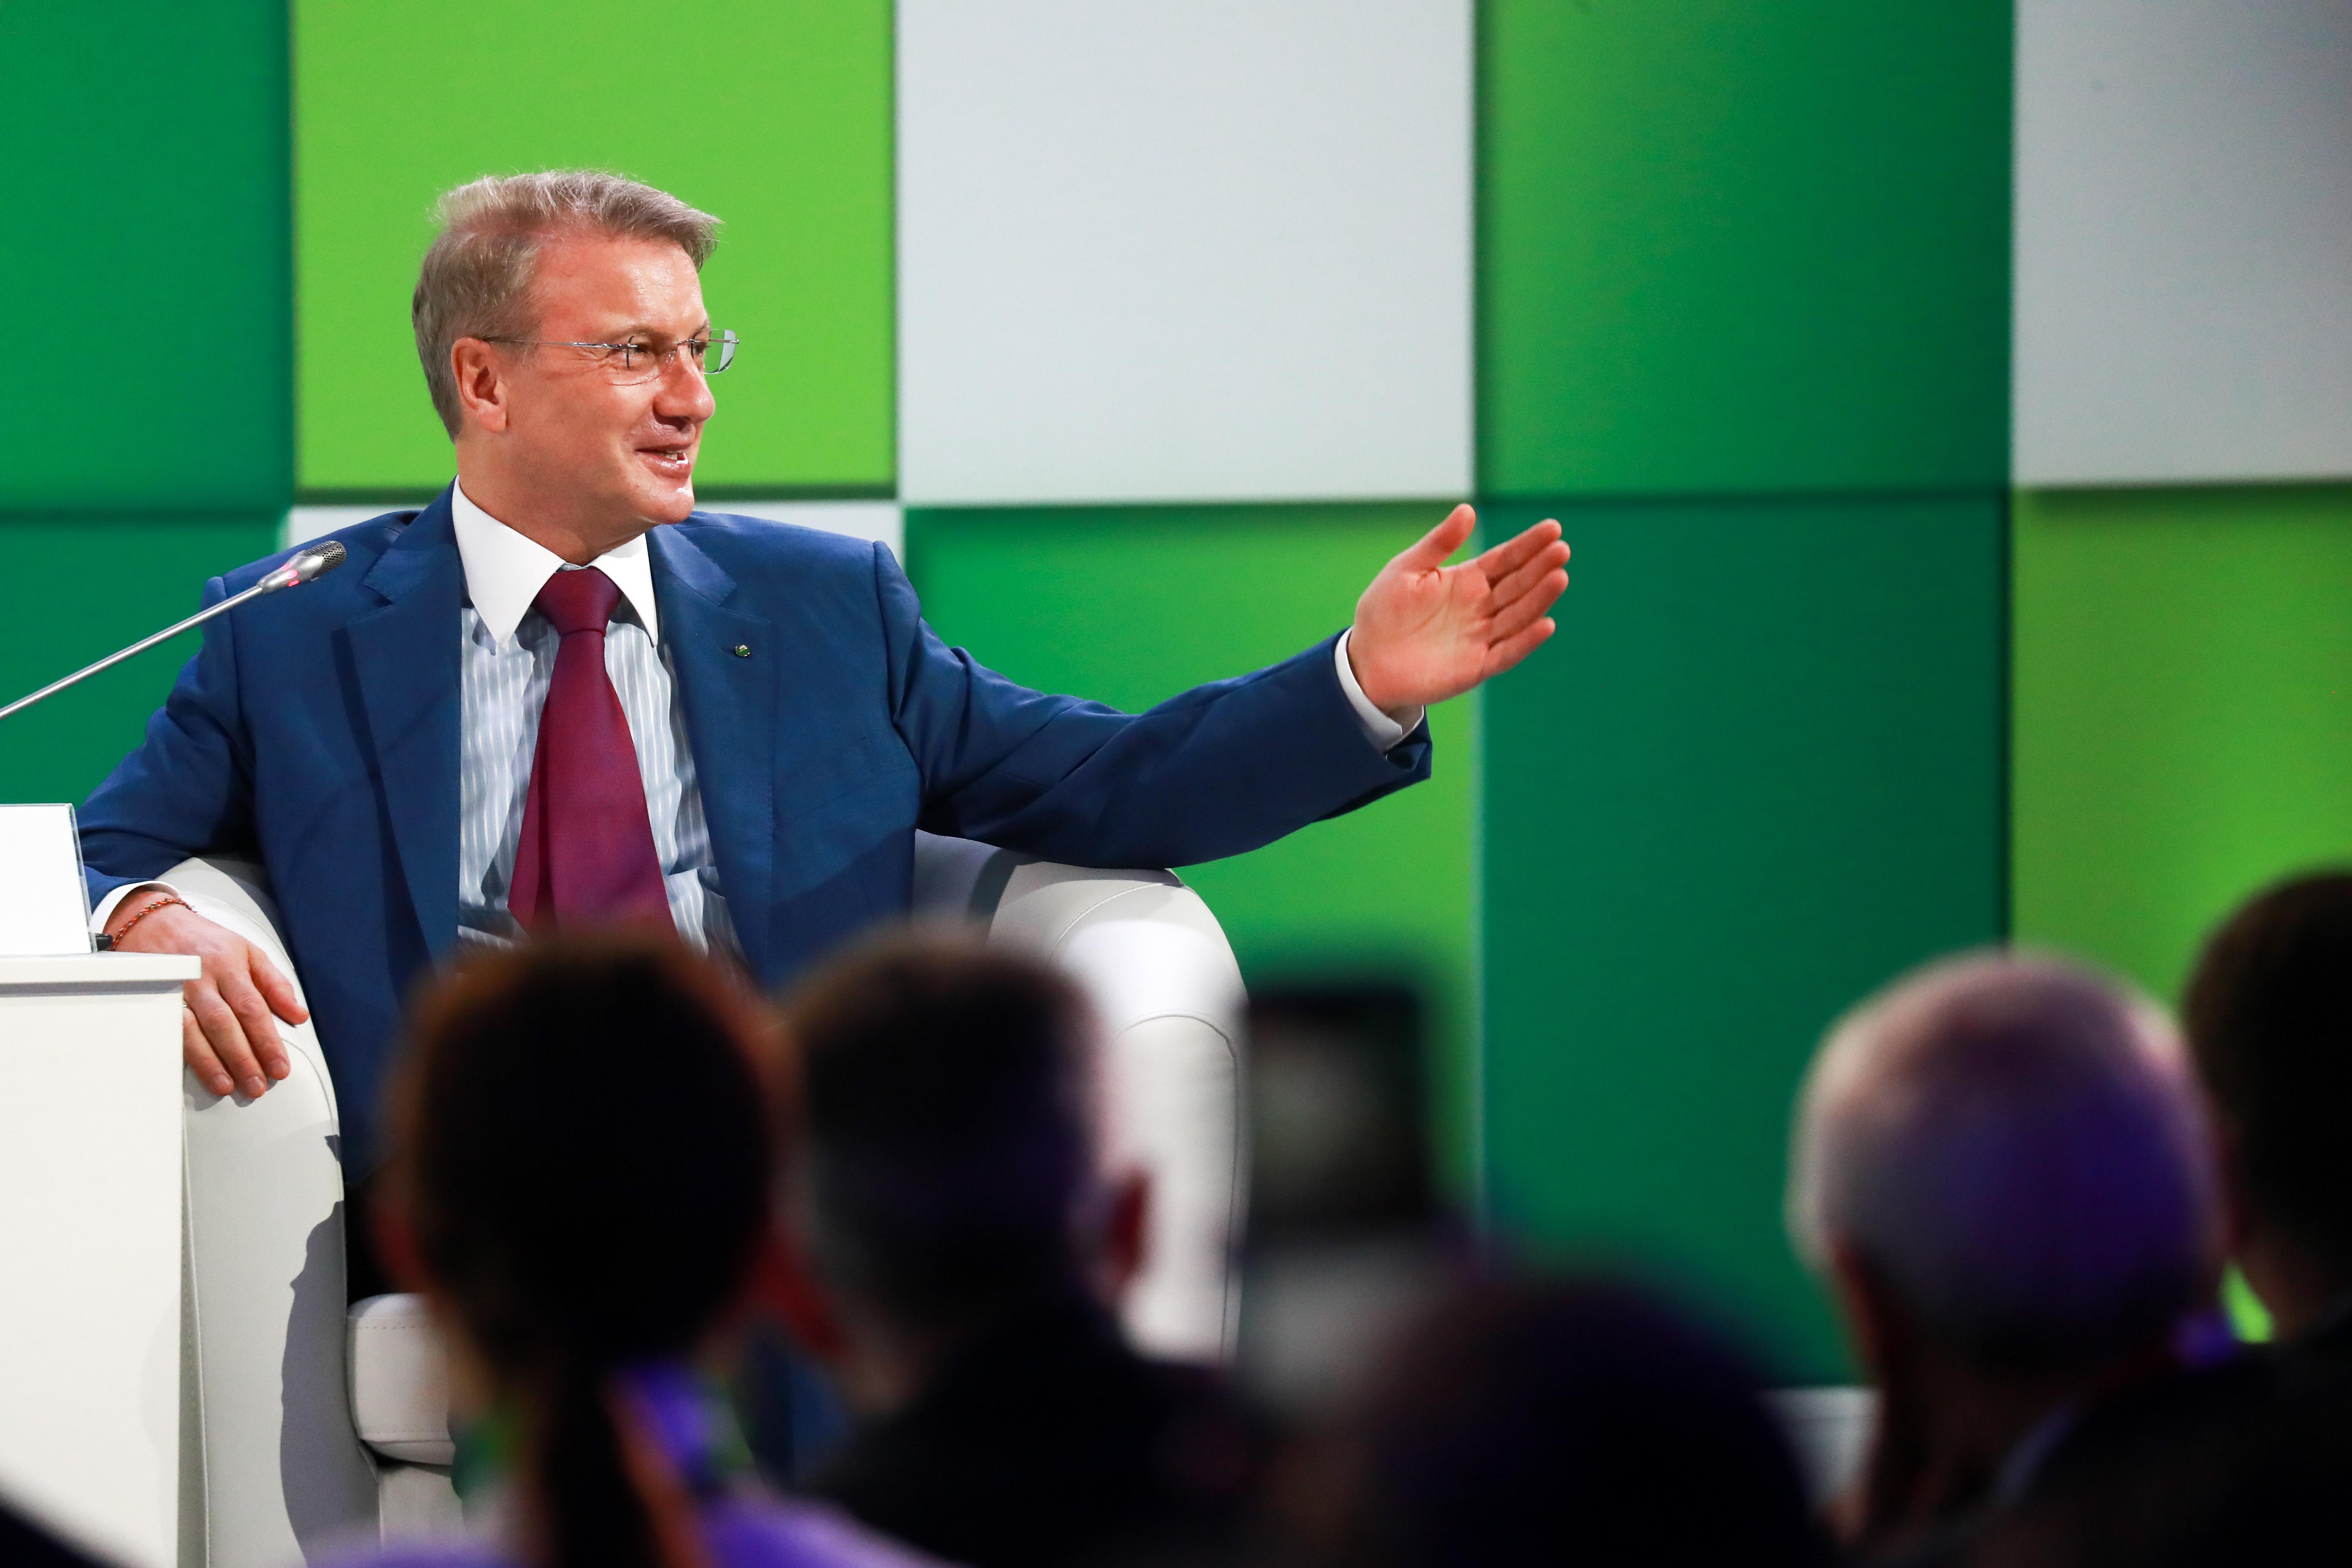 НПФ «Будущее» может быть продан пенсионному фонду Сбербанка